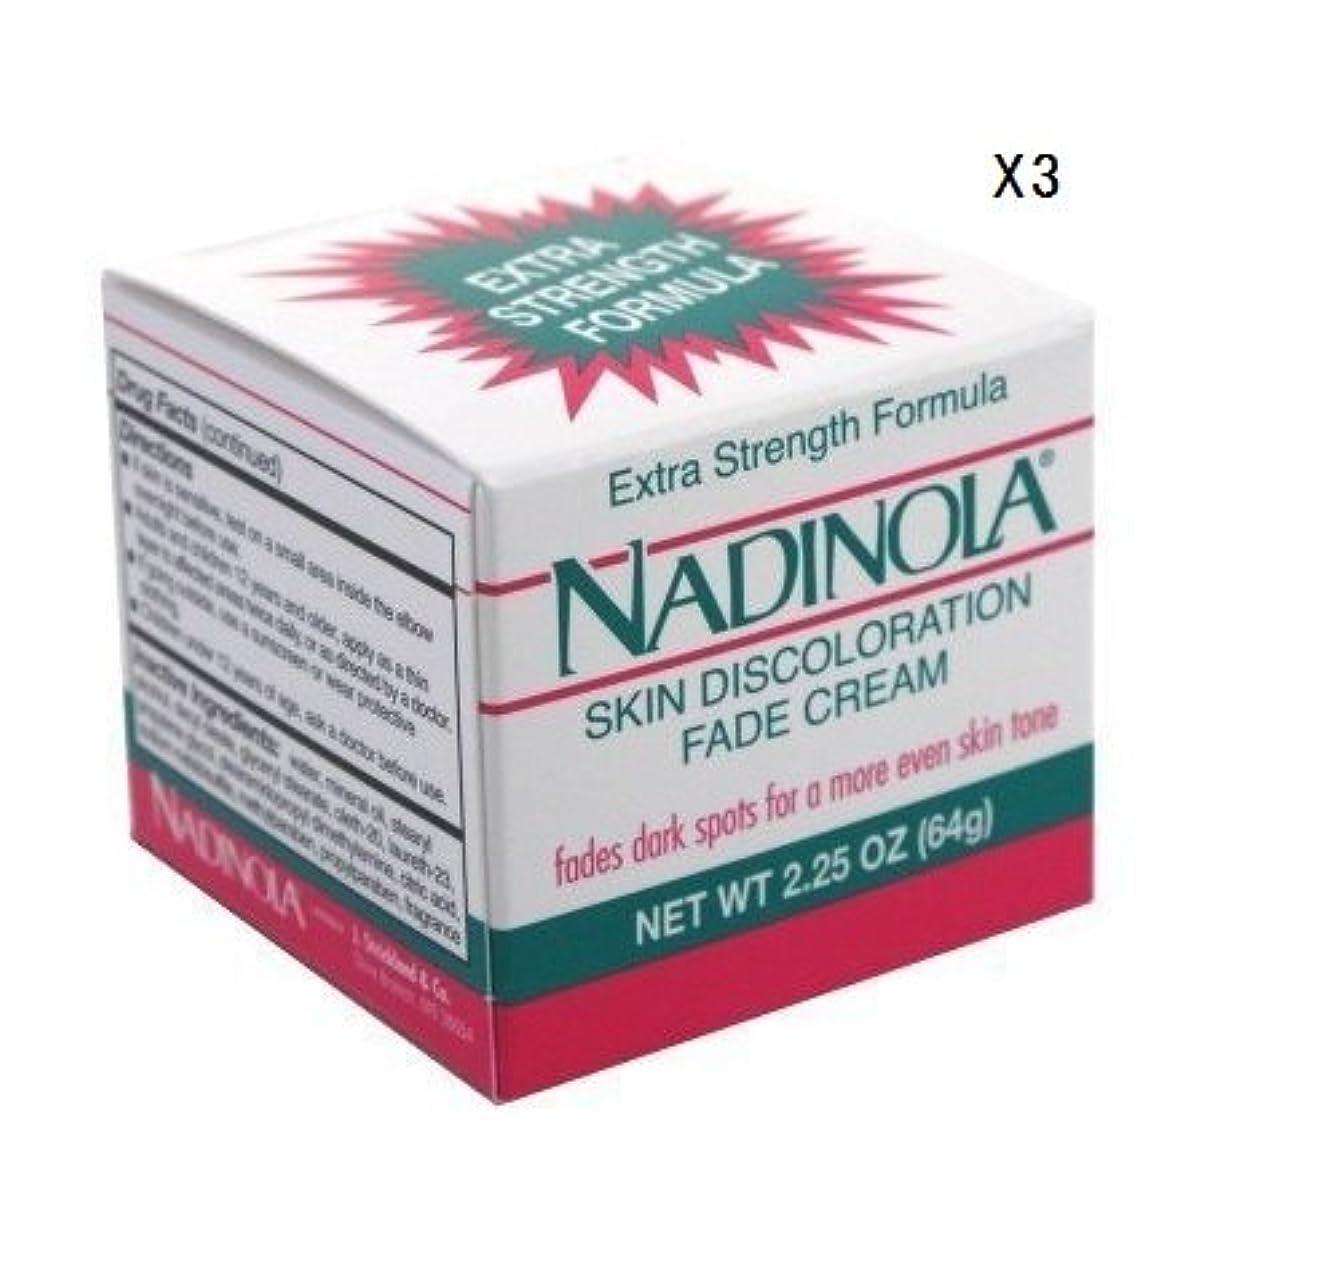 無傷ロープログ(海外直送品)強力美白クリーム (64g)ナディノラ Nadolina Skin Bleach - Extra Strength 2.25 Oz. (Pack of 3) by Nadinola